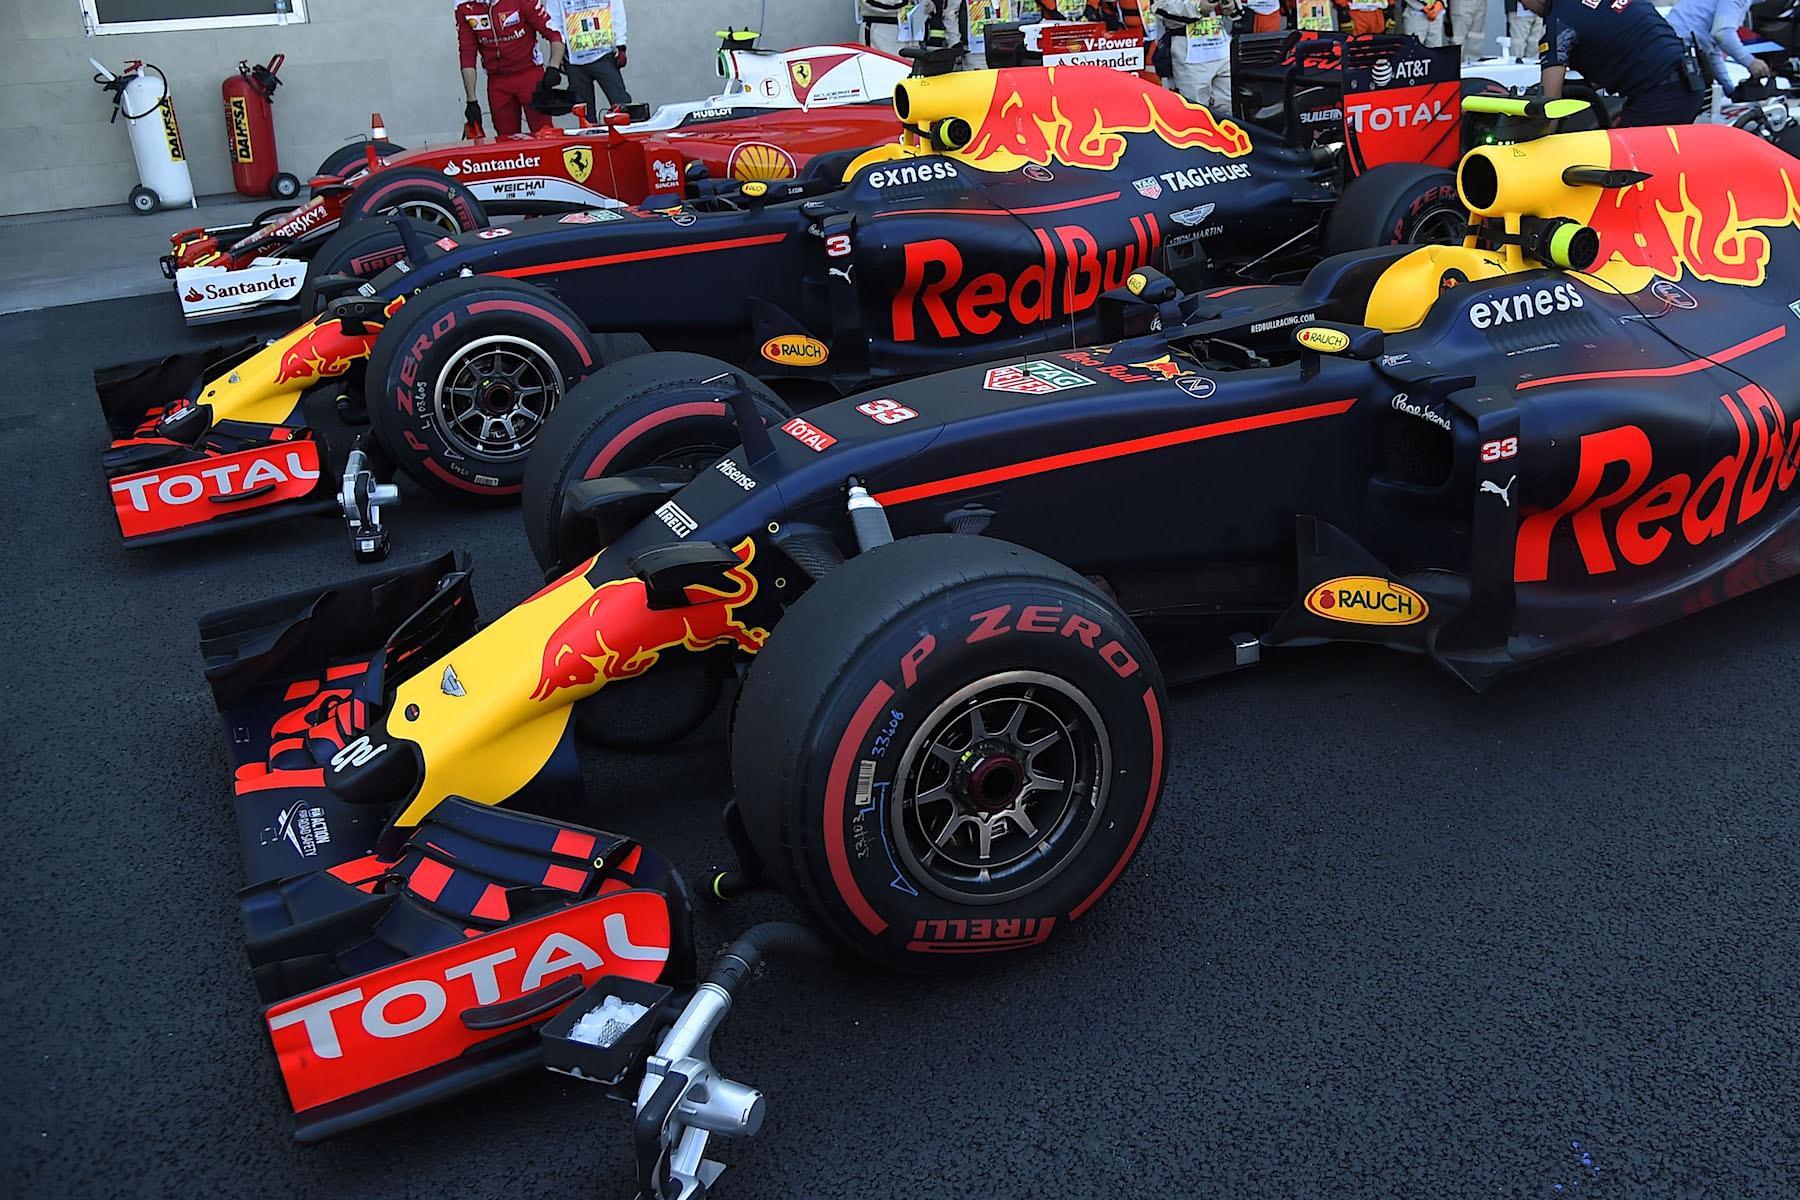 Salracing - Red Bull Racing cars